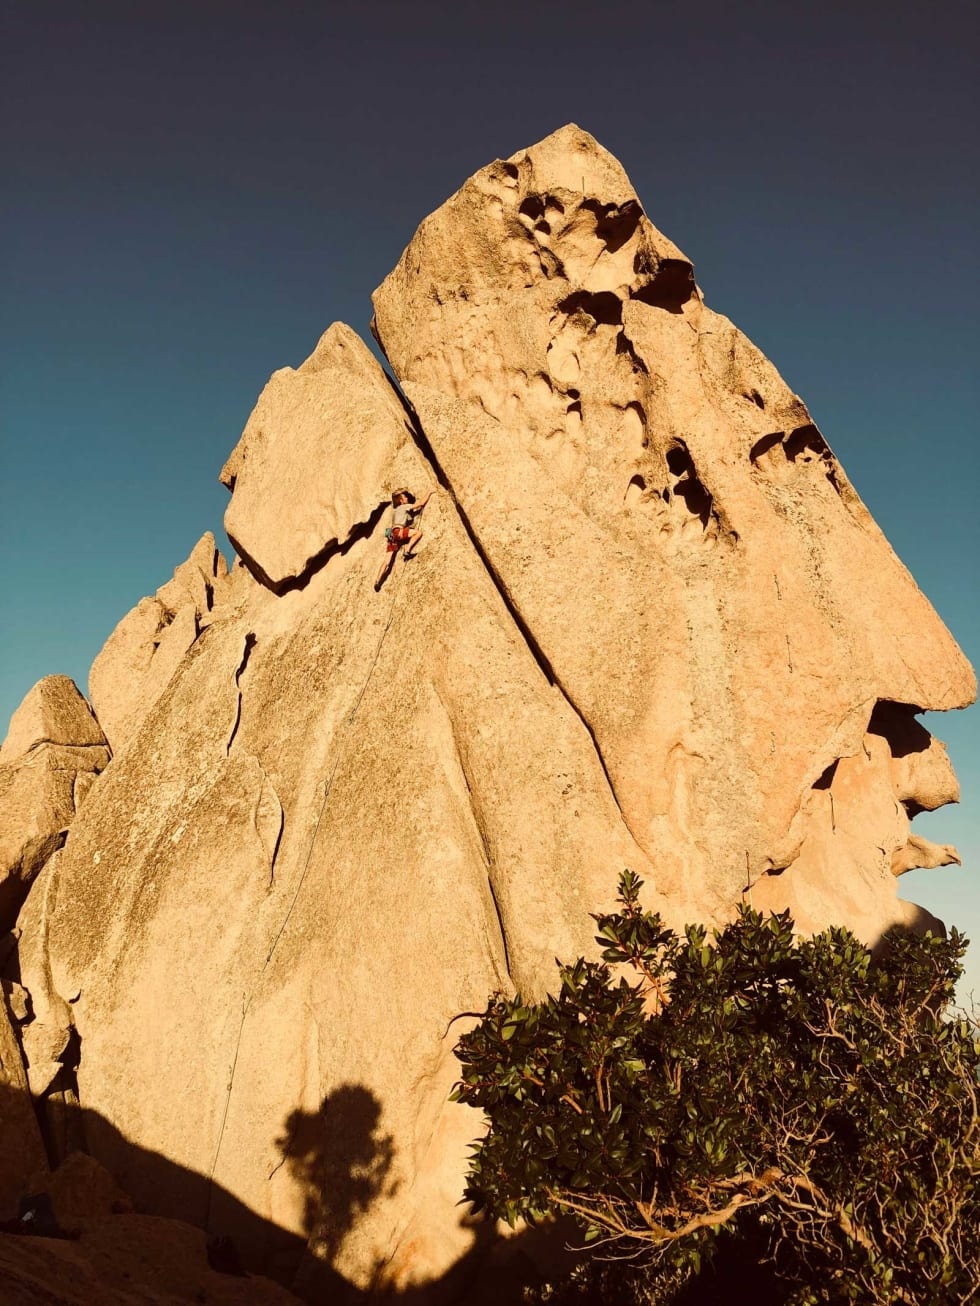 Formasjoner: En særs spektakulær stein med utsikt over Ajaccio-bukta fra toppen. Sverre Jordbakke på ruta Danse avec les clous (6b+) på feltet San Tonio Foto: Andreas Eide